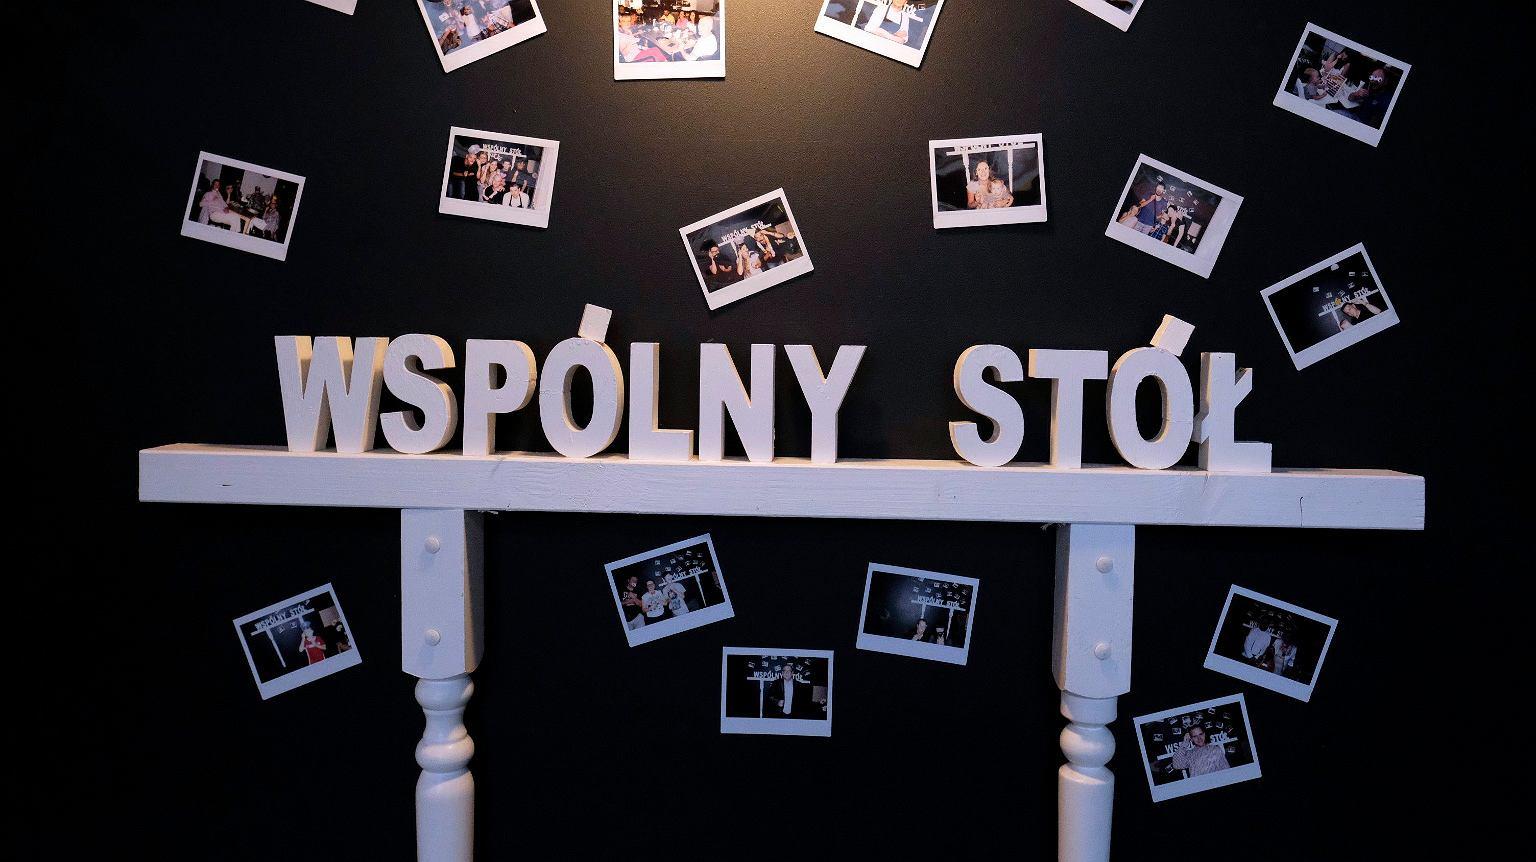 Ściana w restauracji z podpisami i fotografiami osób, które tworzyły Wspólny Stół